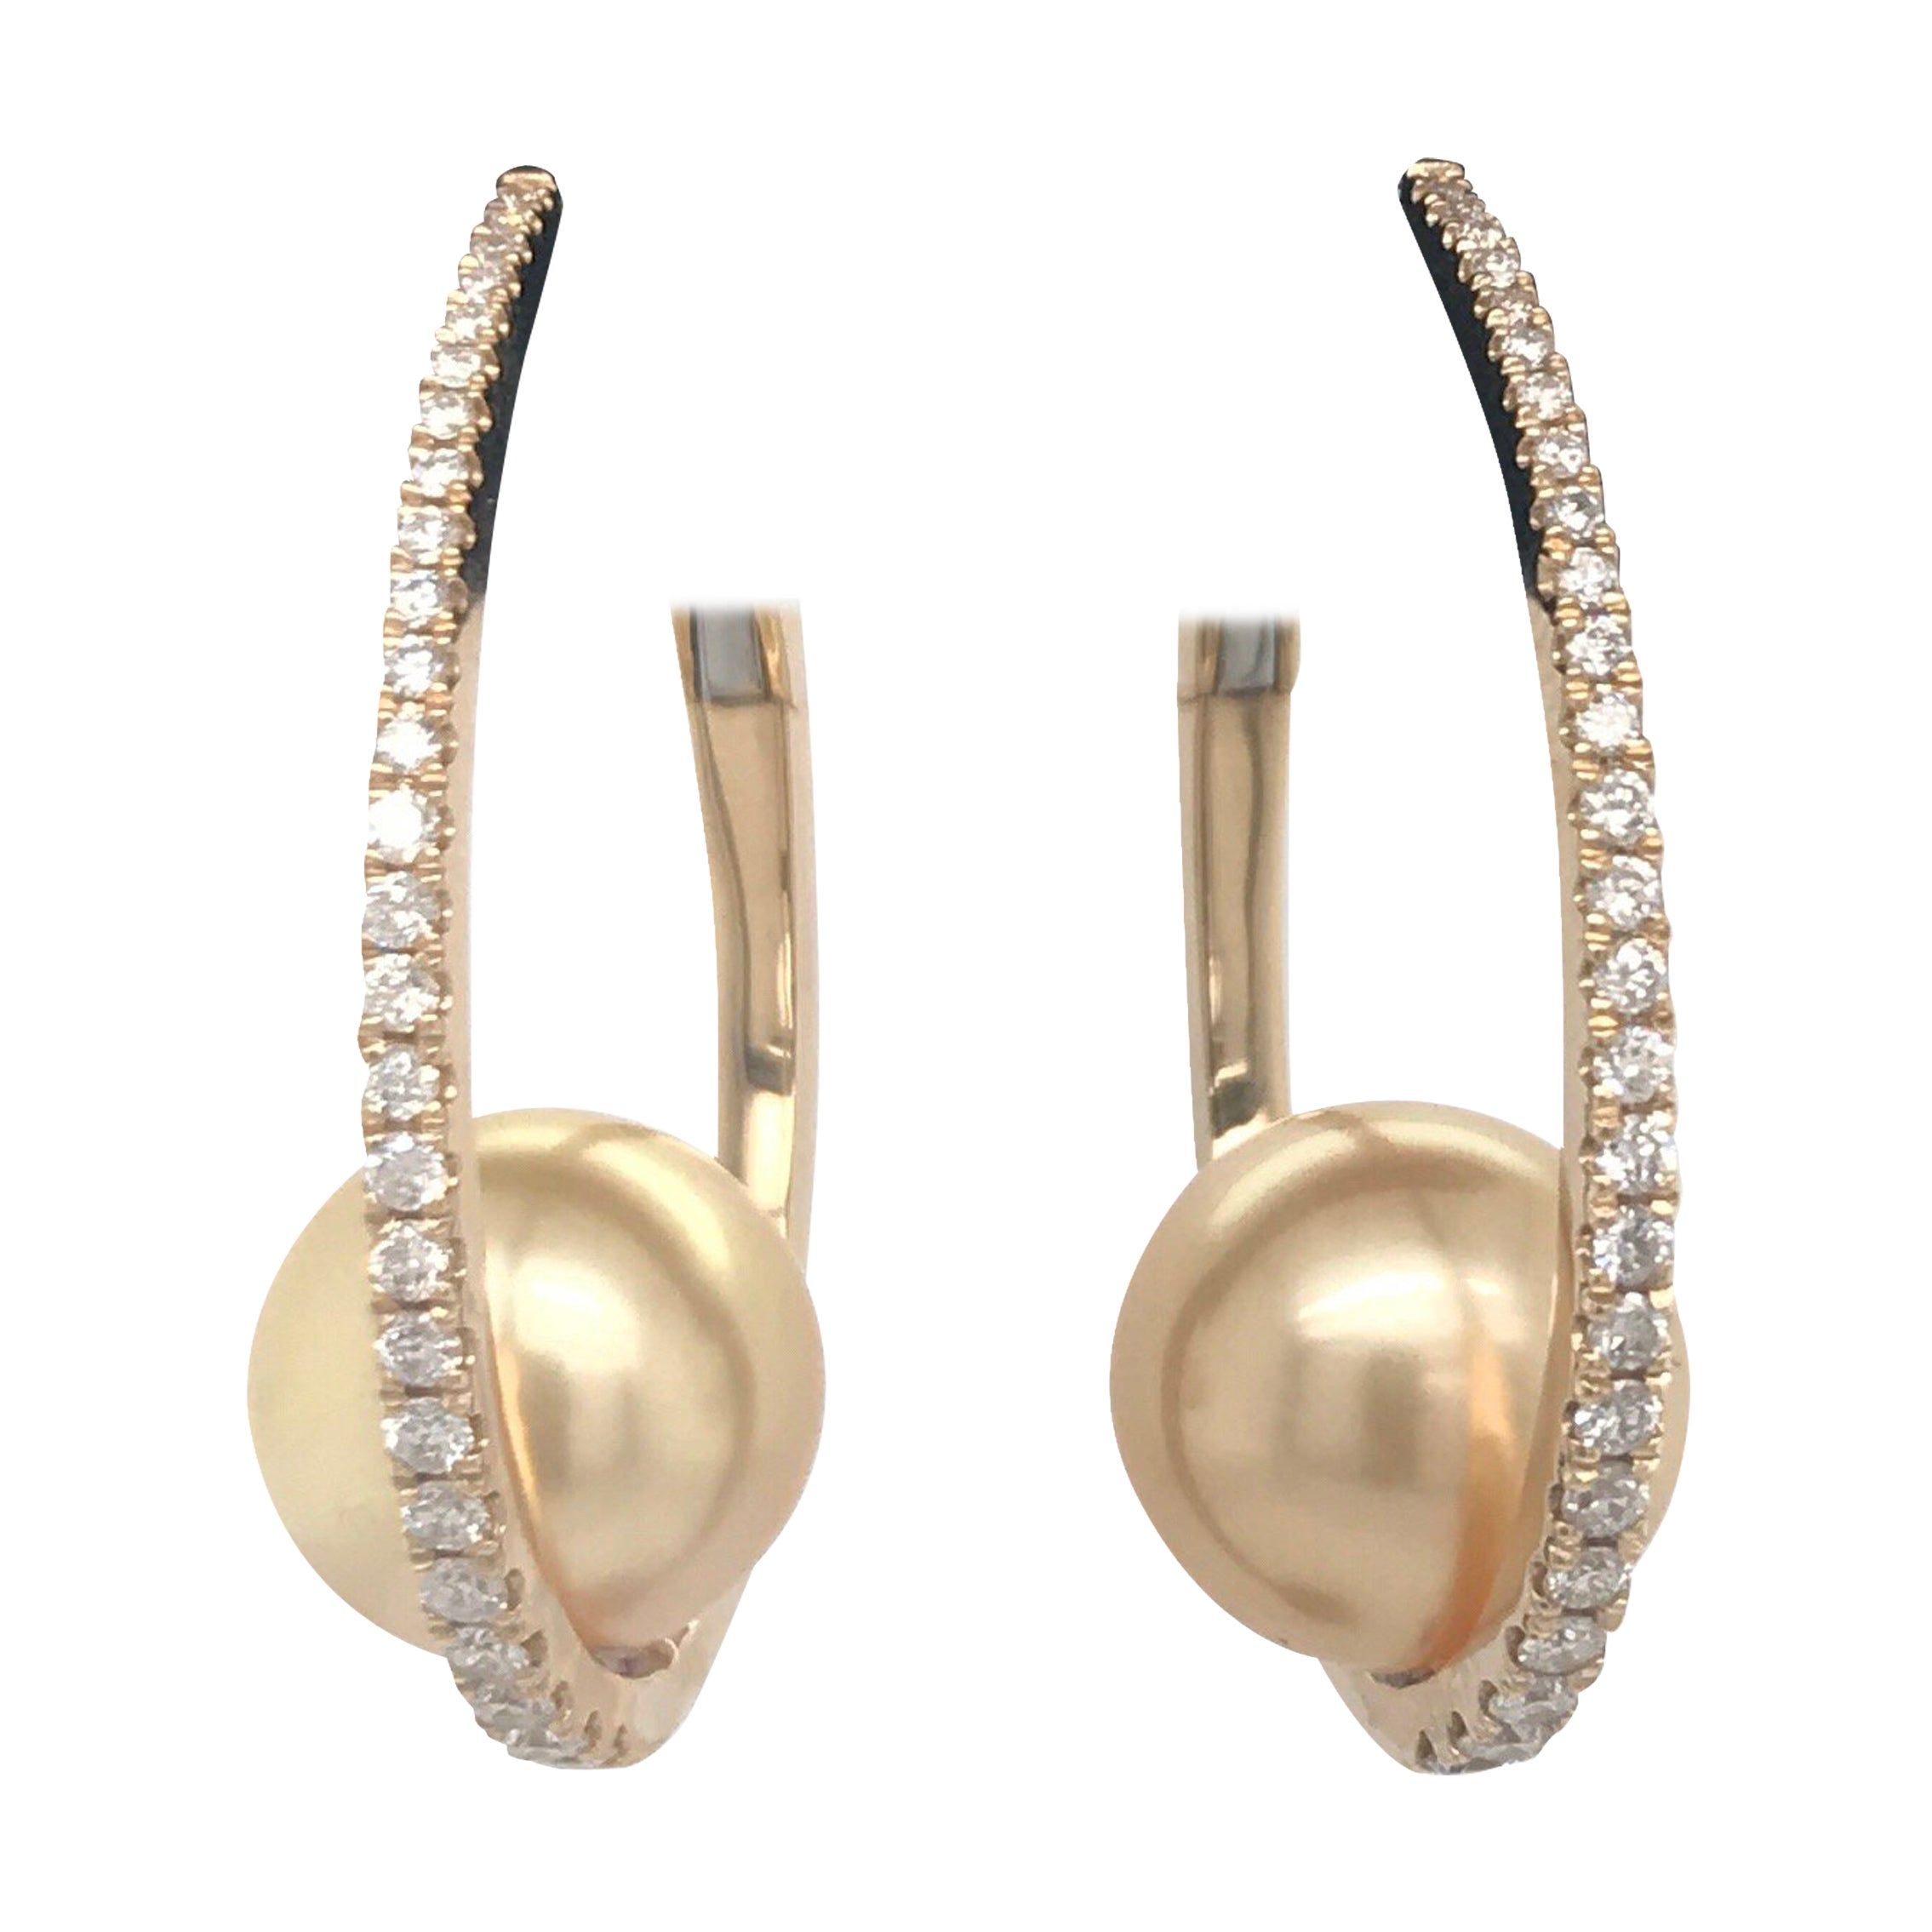 Diamond South Sea Pearl Hoop Earrings 0.55 Carat 18 Karat